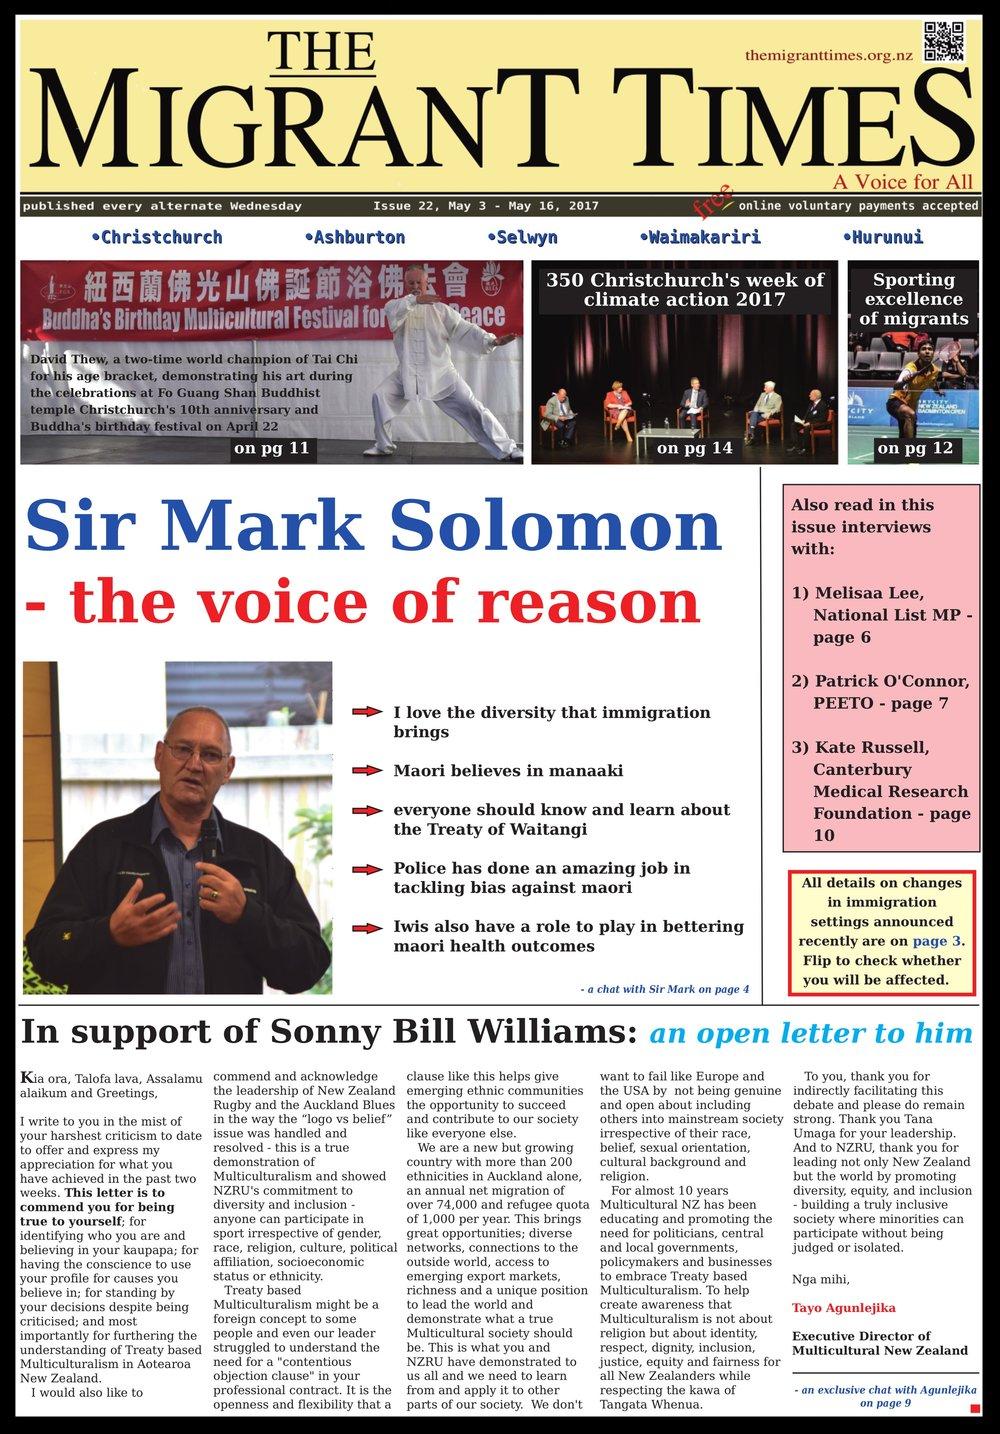 Issue 22, May 3 - May 16, 2017